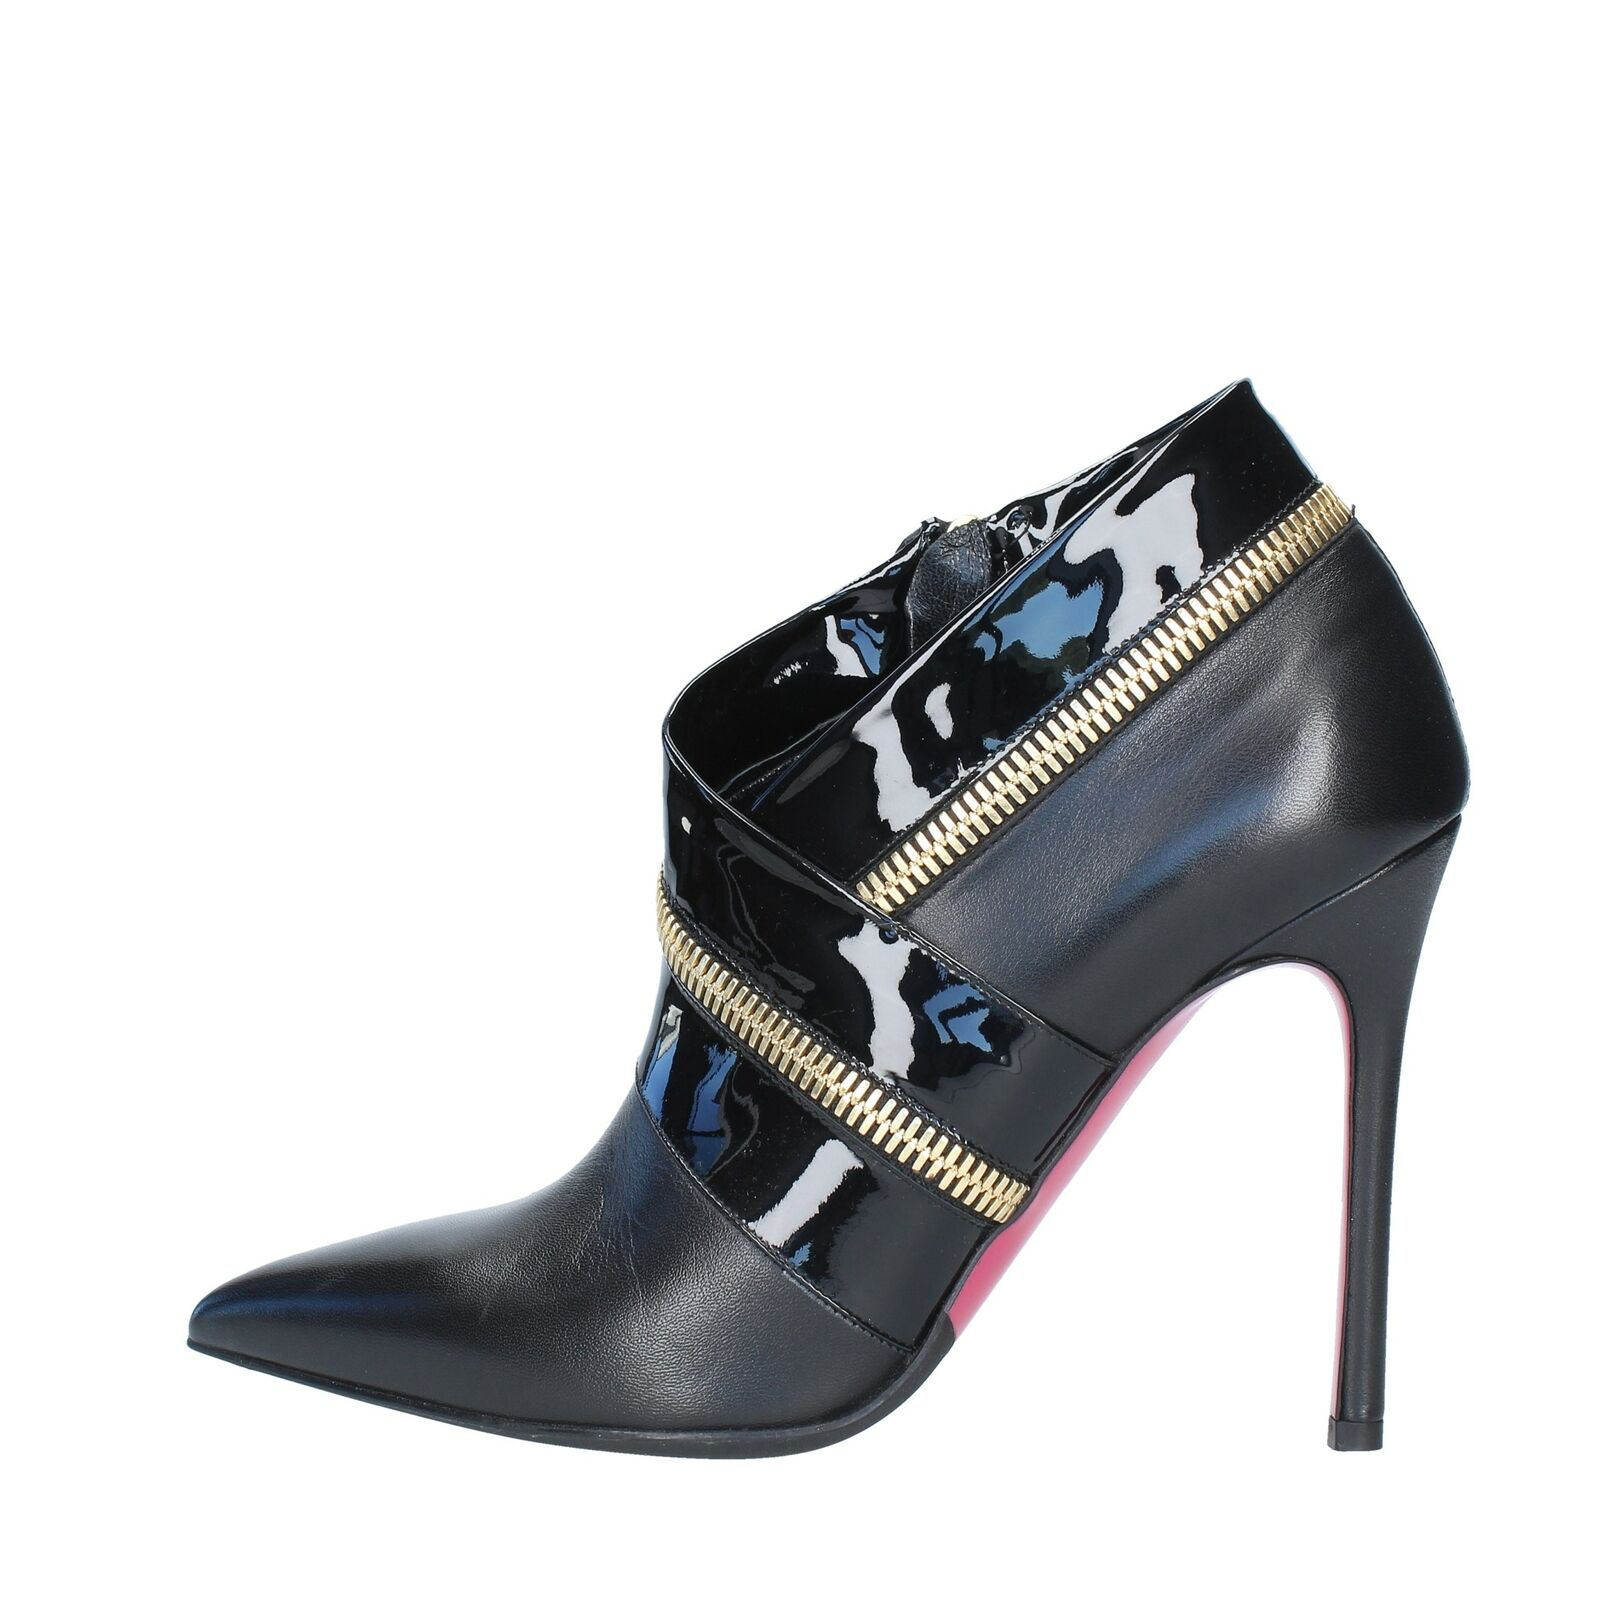 più preferenziale KV489 Scarpe Tronchetti LUCIANO PADOVAN  donna donna donna Nero  più sconto